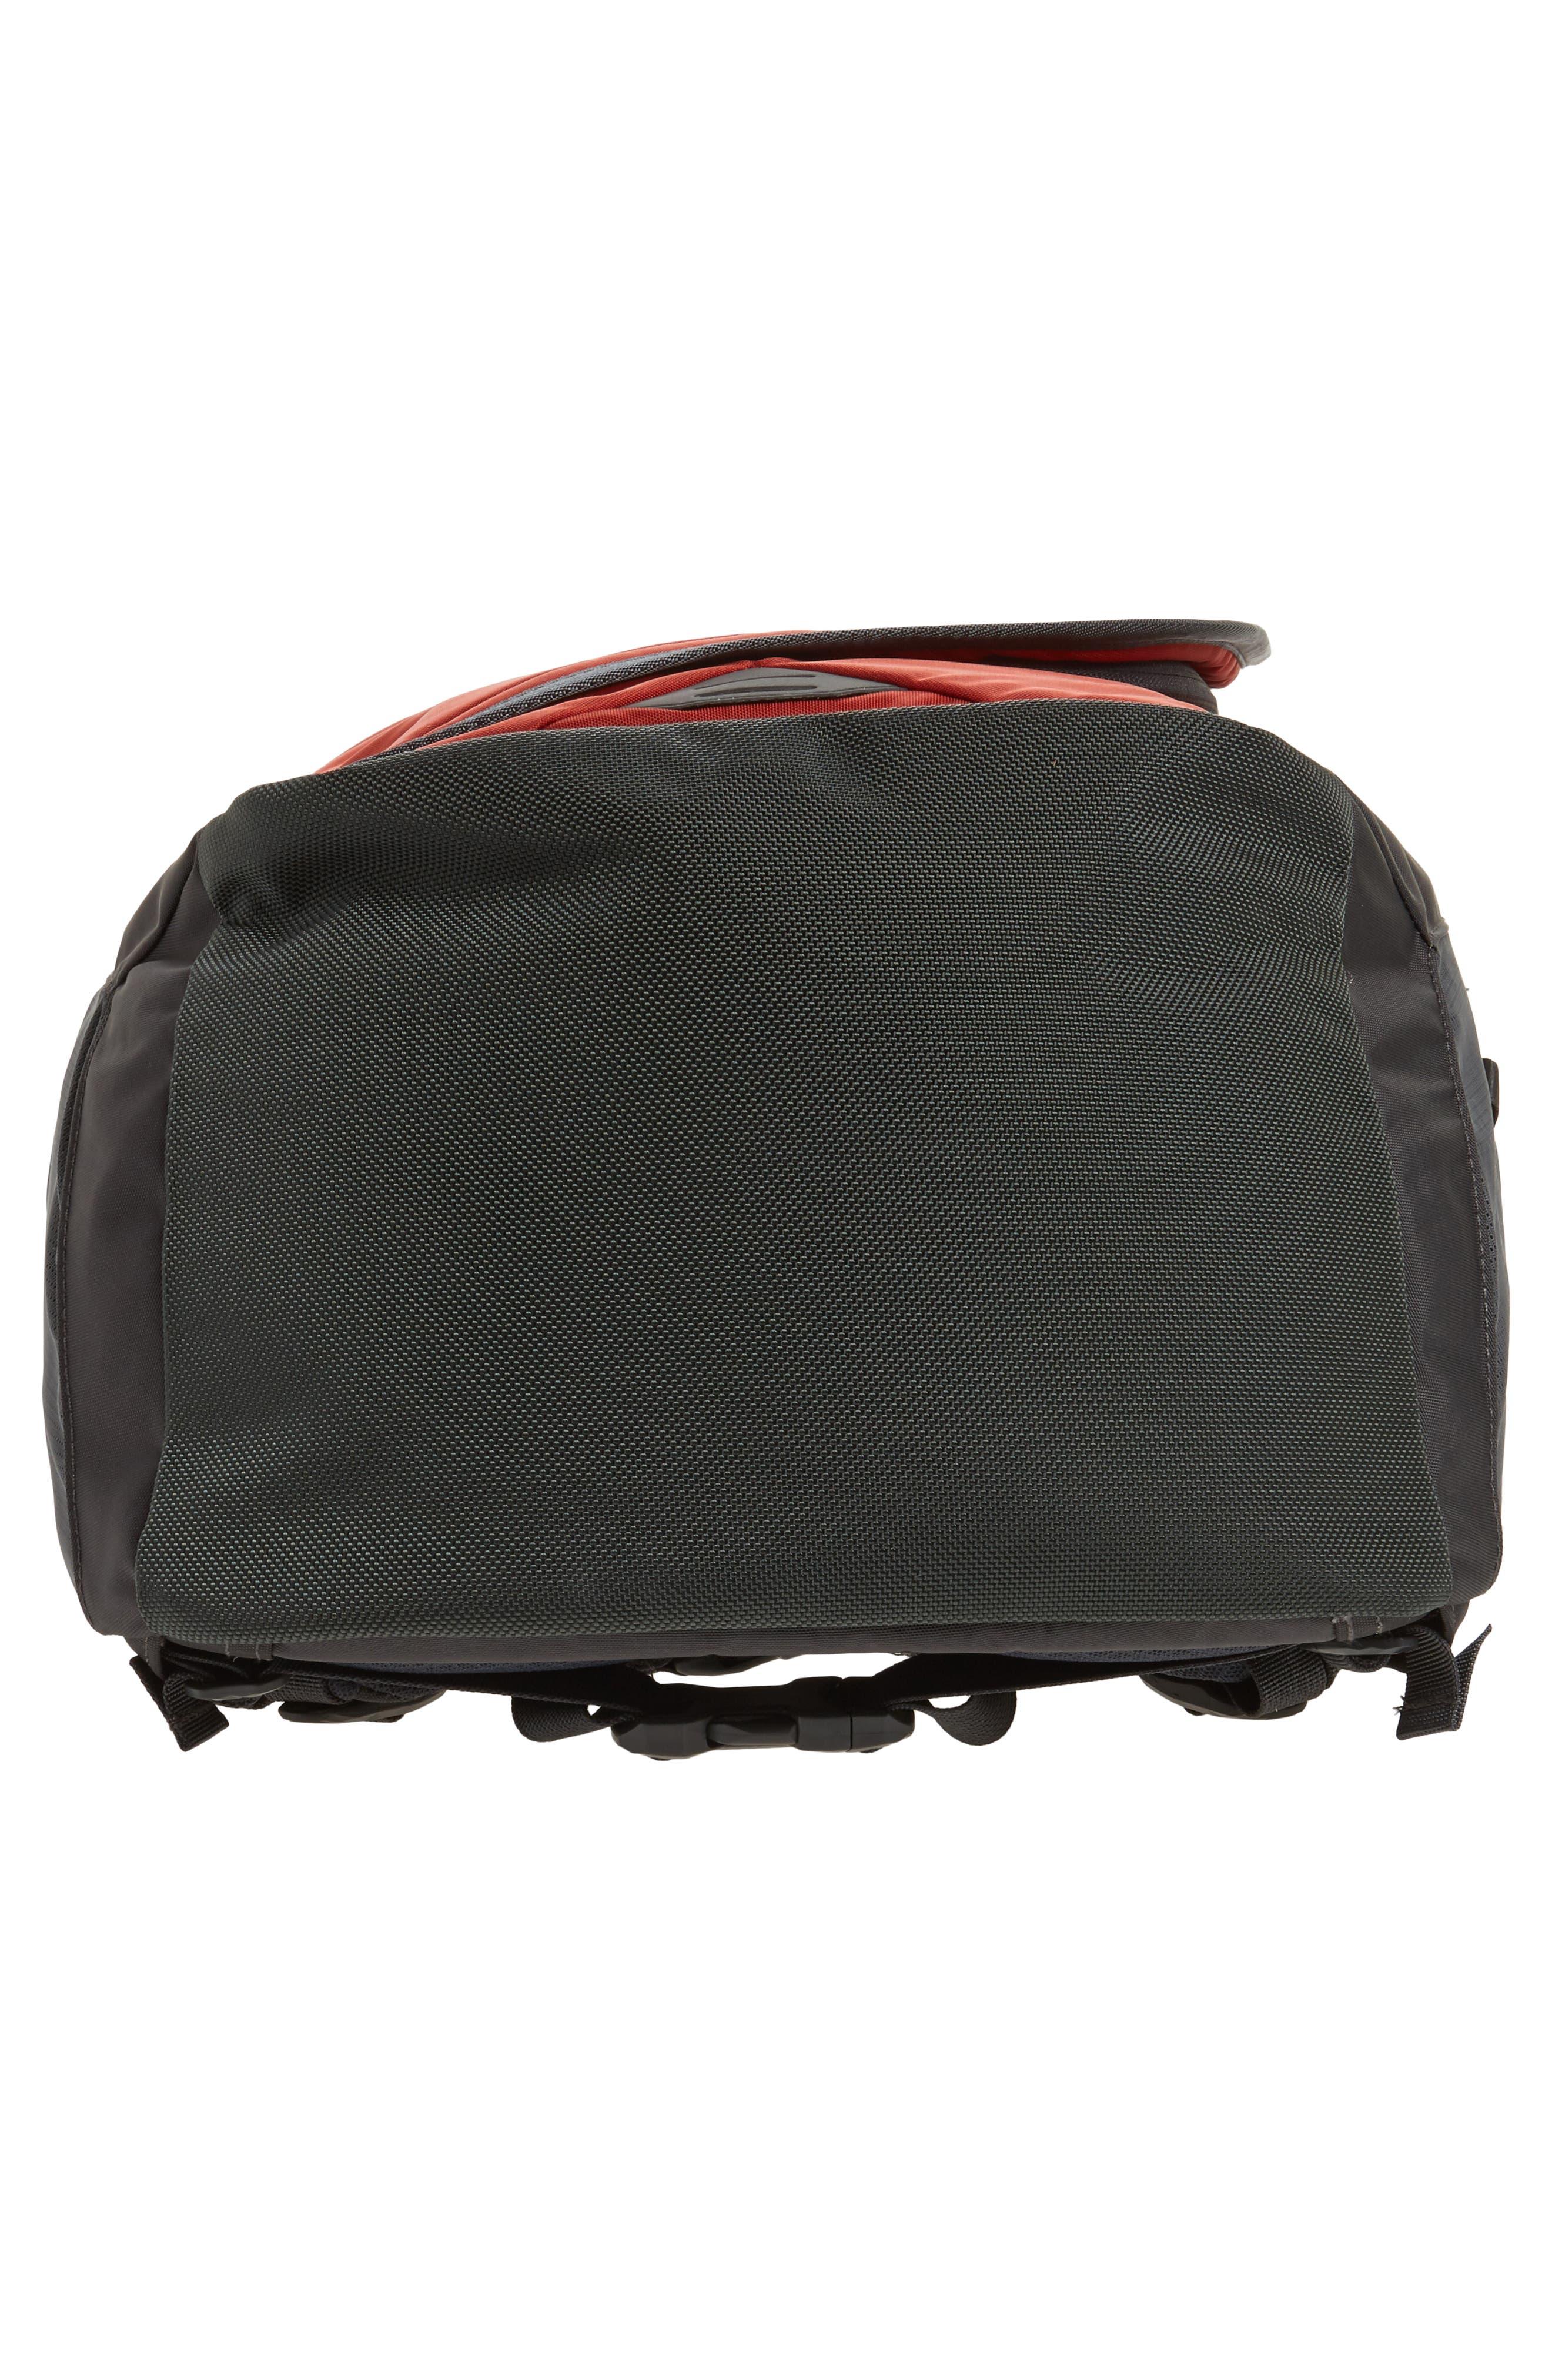 Hot Shot Backpack,                             Alternate thumbnail 6, color,                             Ketchup Red/ Asphalt Grey